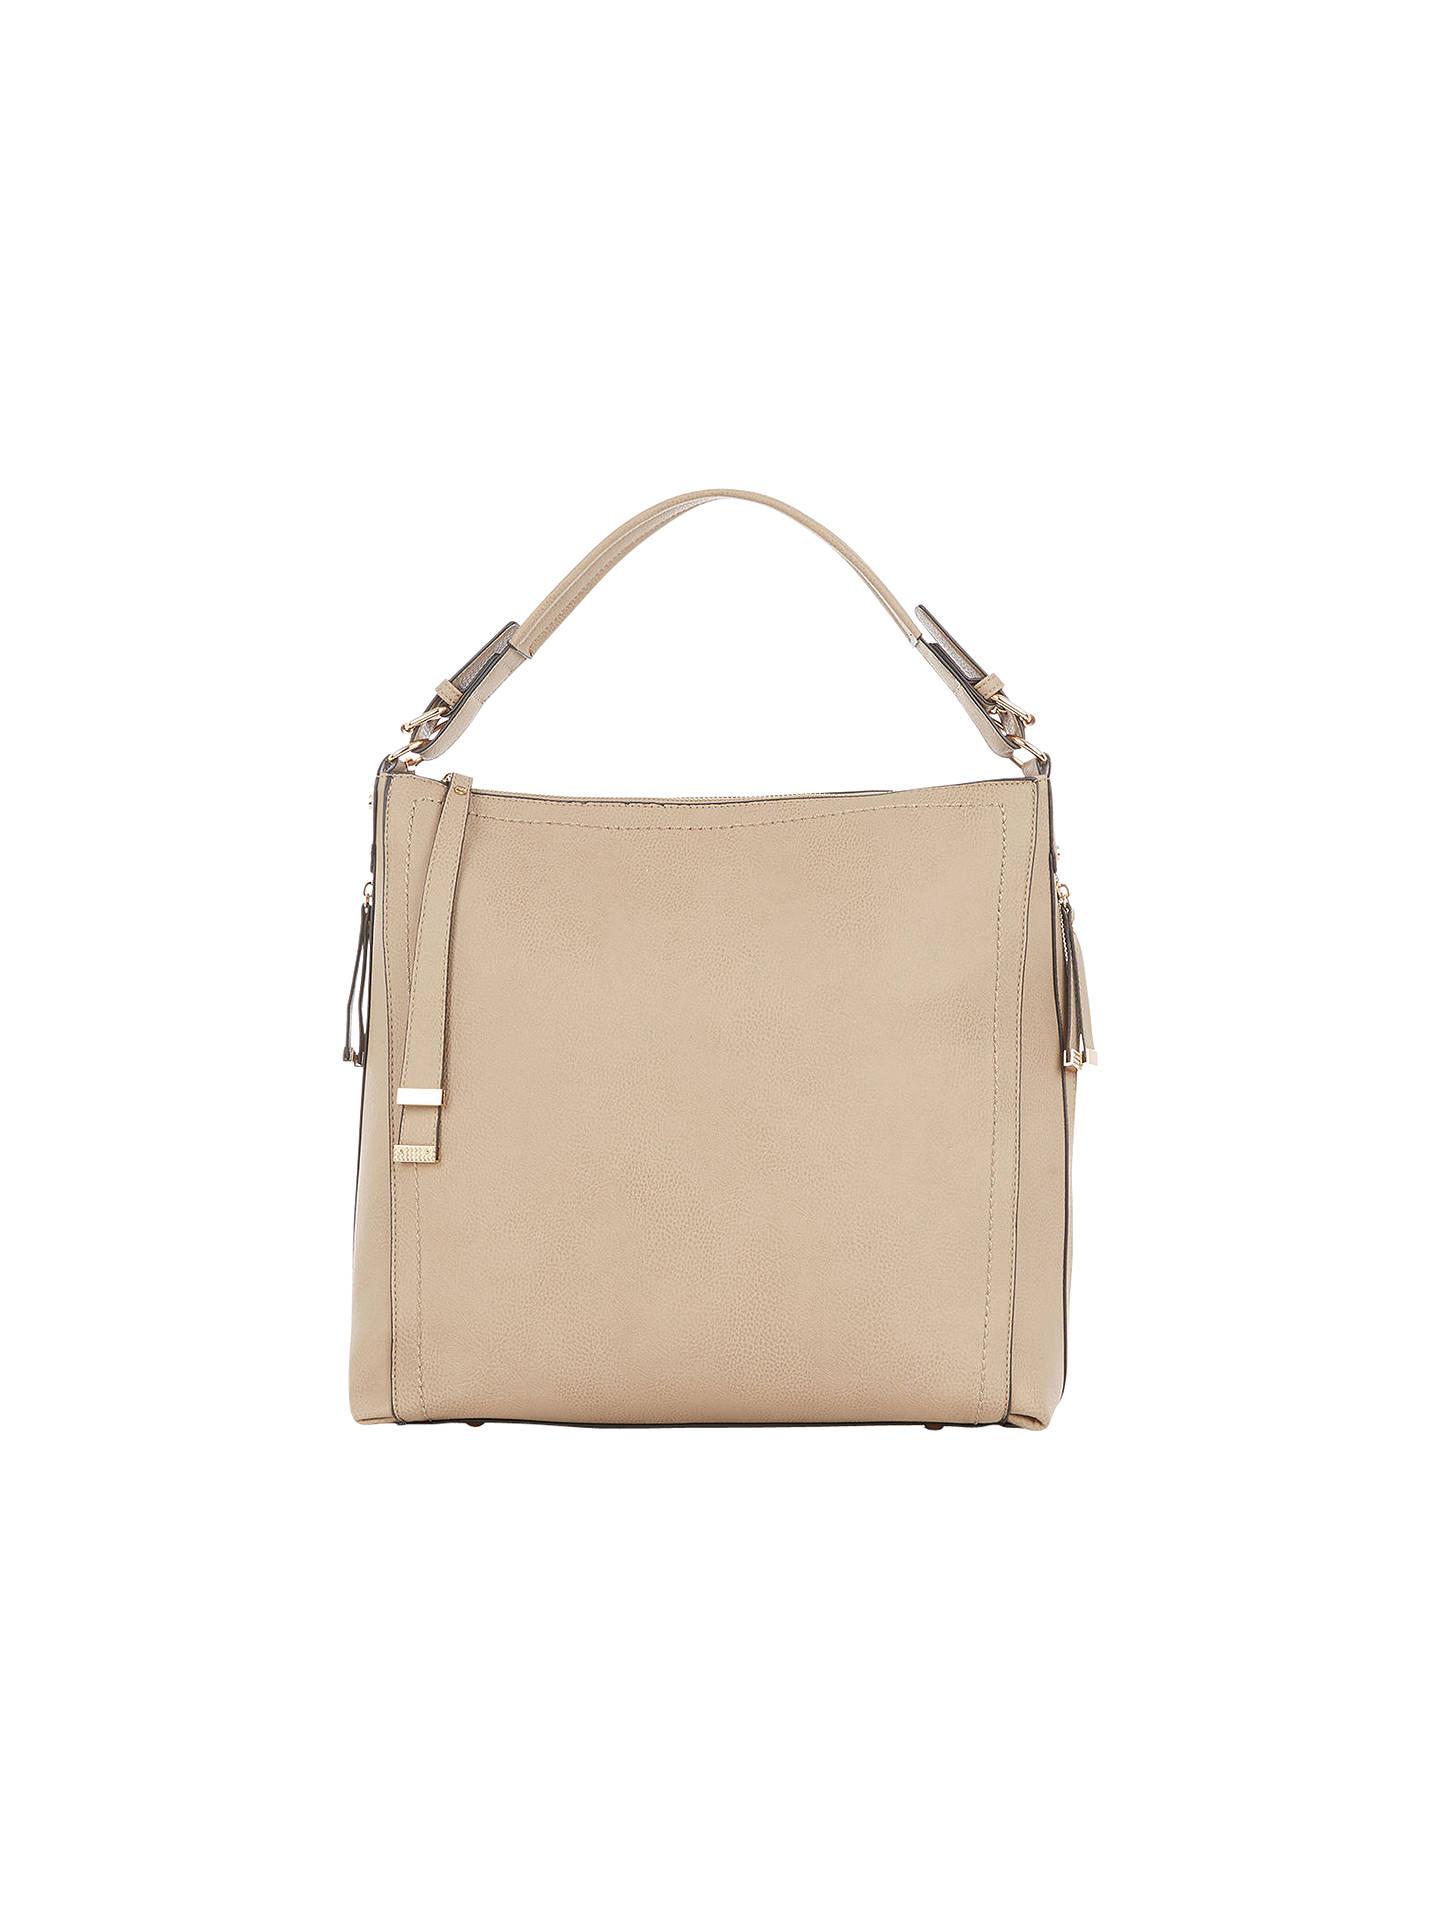 04df88c92ec Buy Oasis Chloe Hobo Bag, Mid Neutral Online at johnlewis.com ...